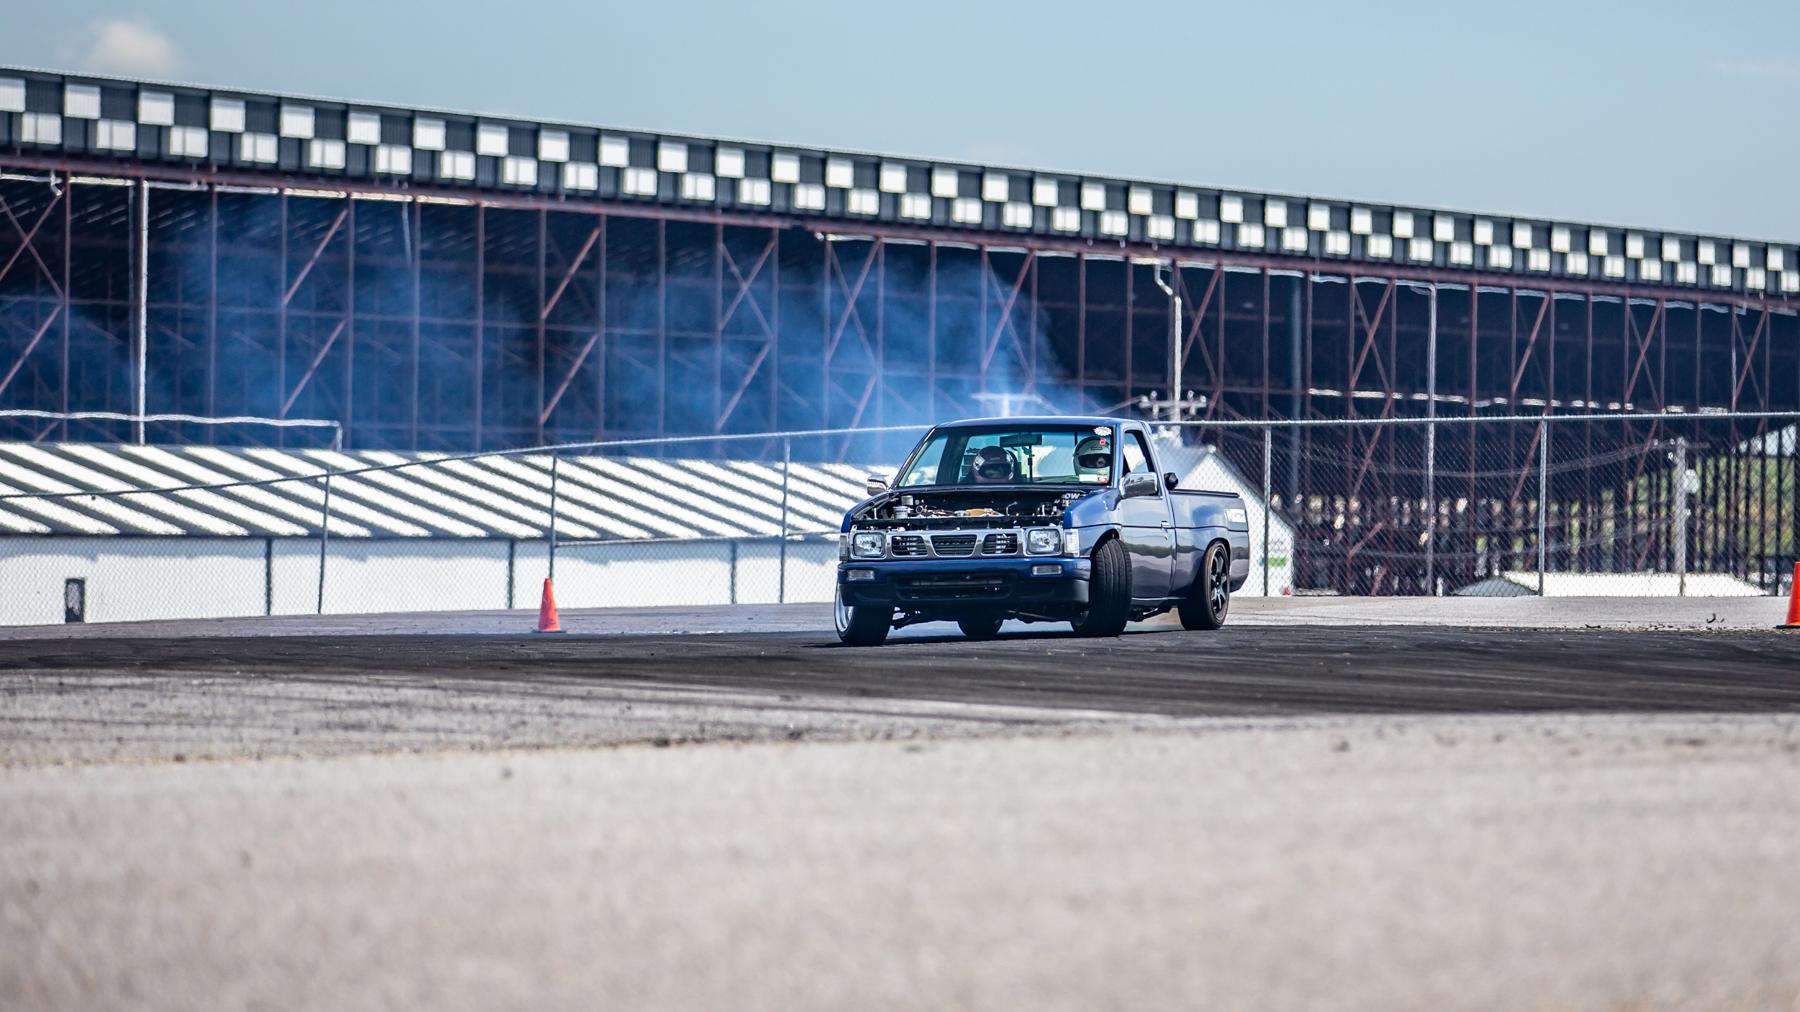 drift-8016